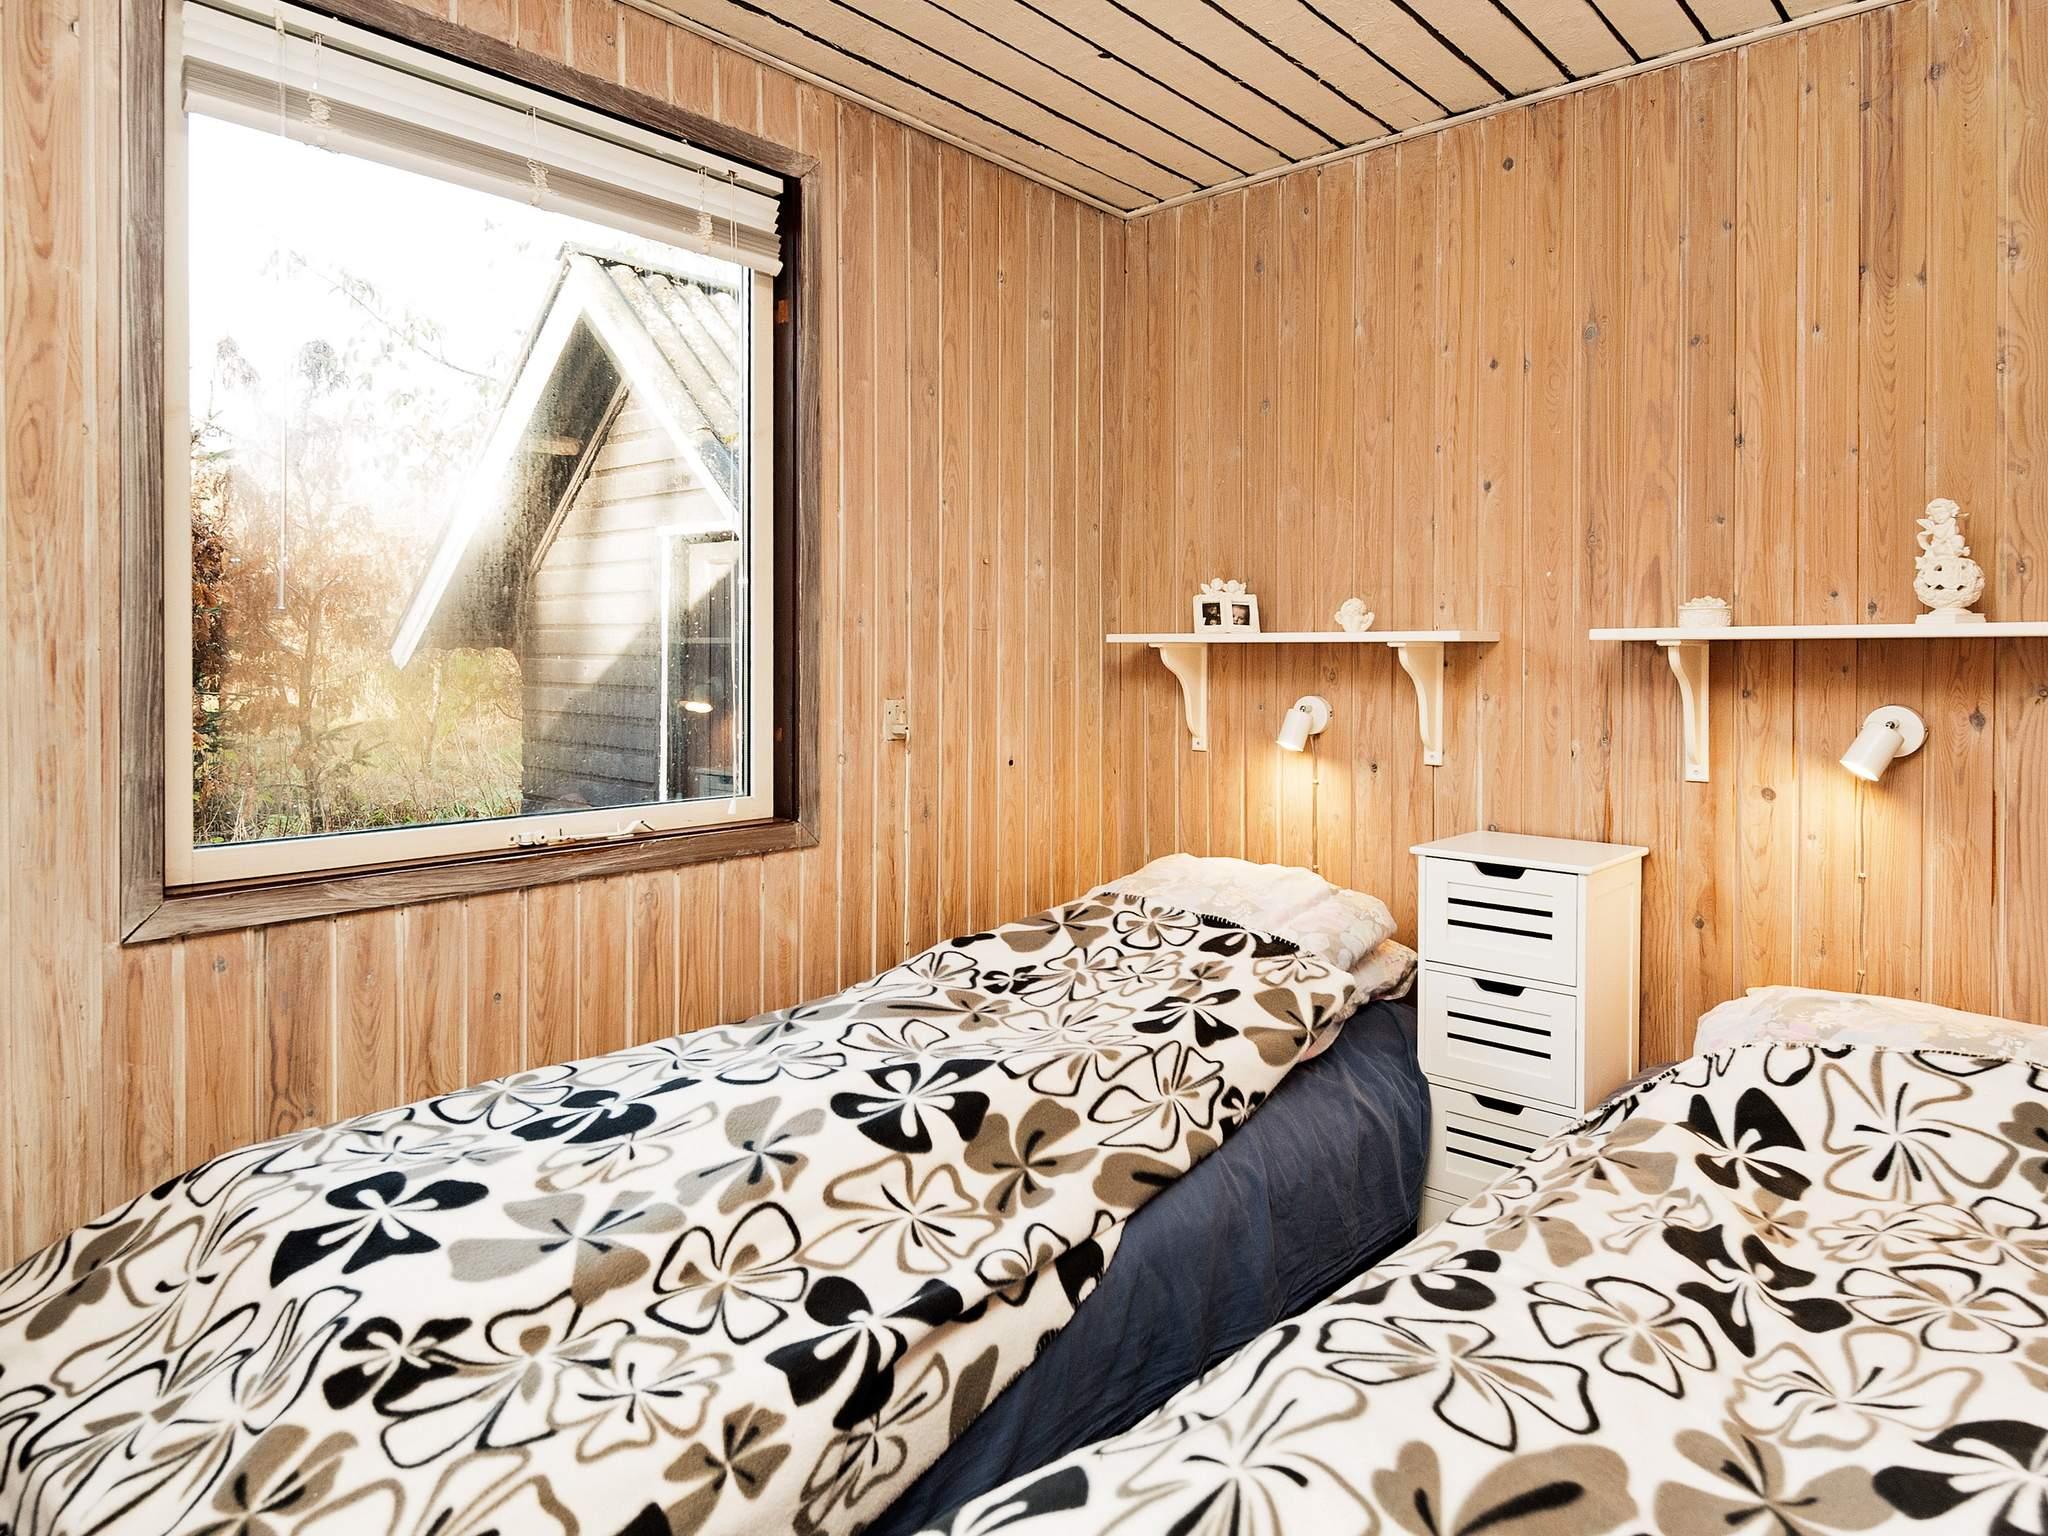 Ferienhaus Silkeborg (125051), Silkeborg, , Ostjütland, Dänemark, Bild 13